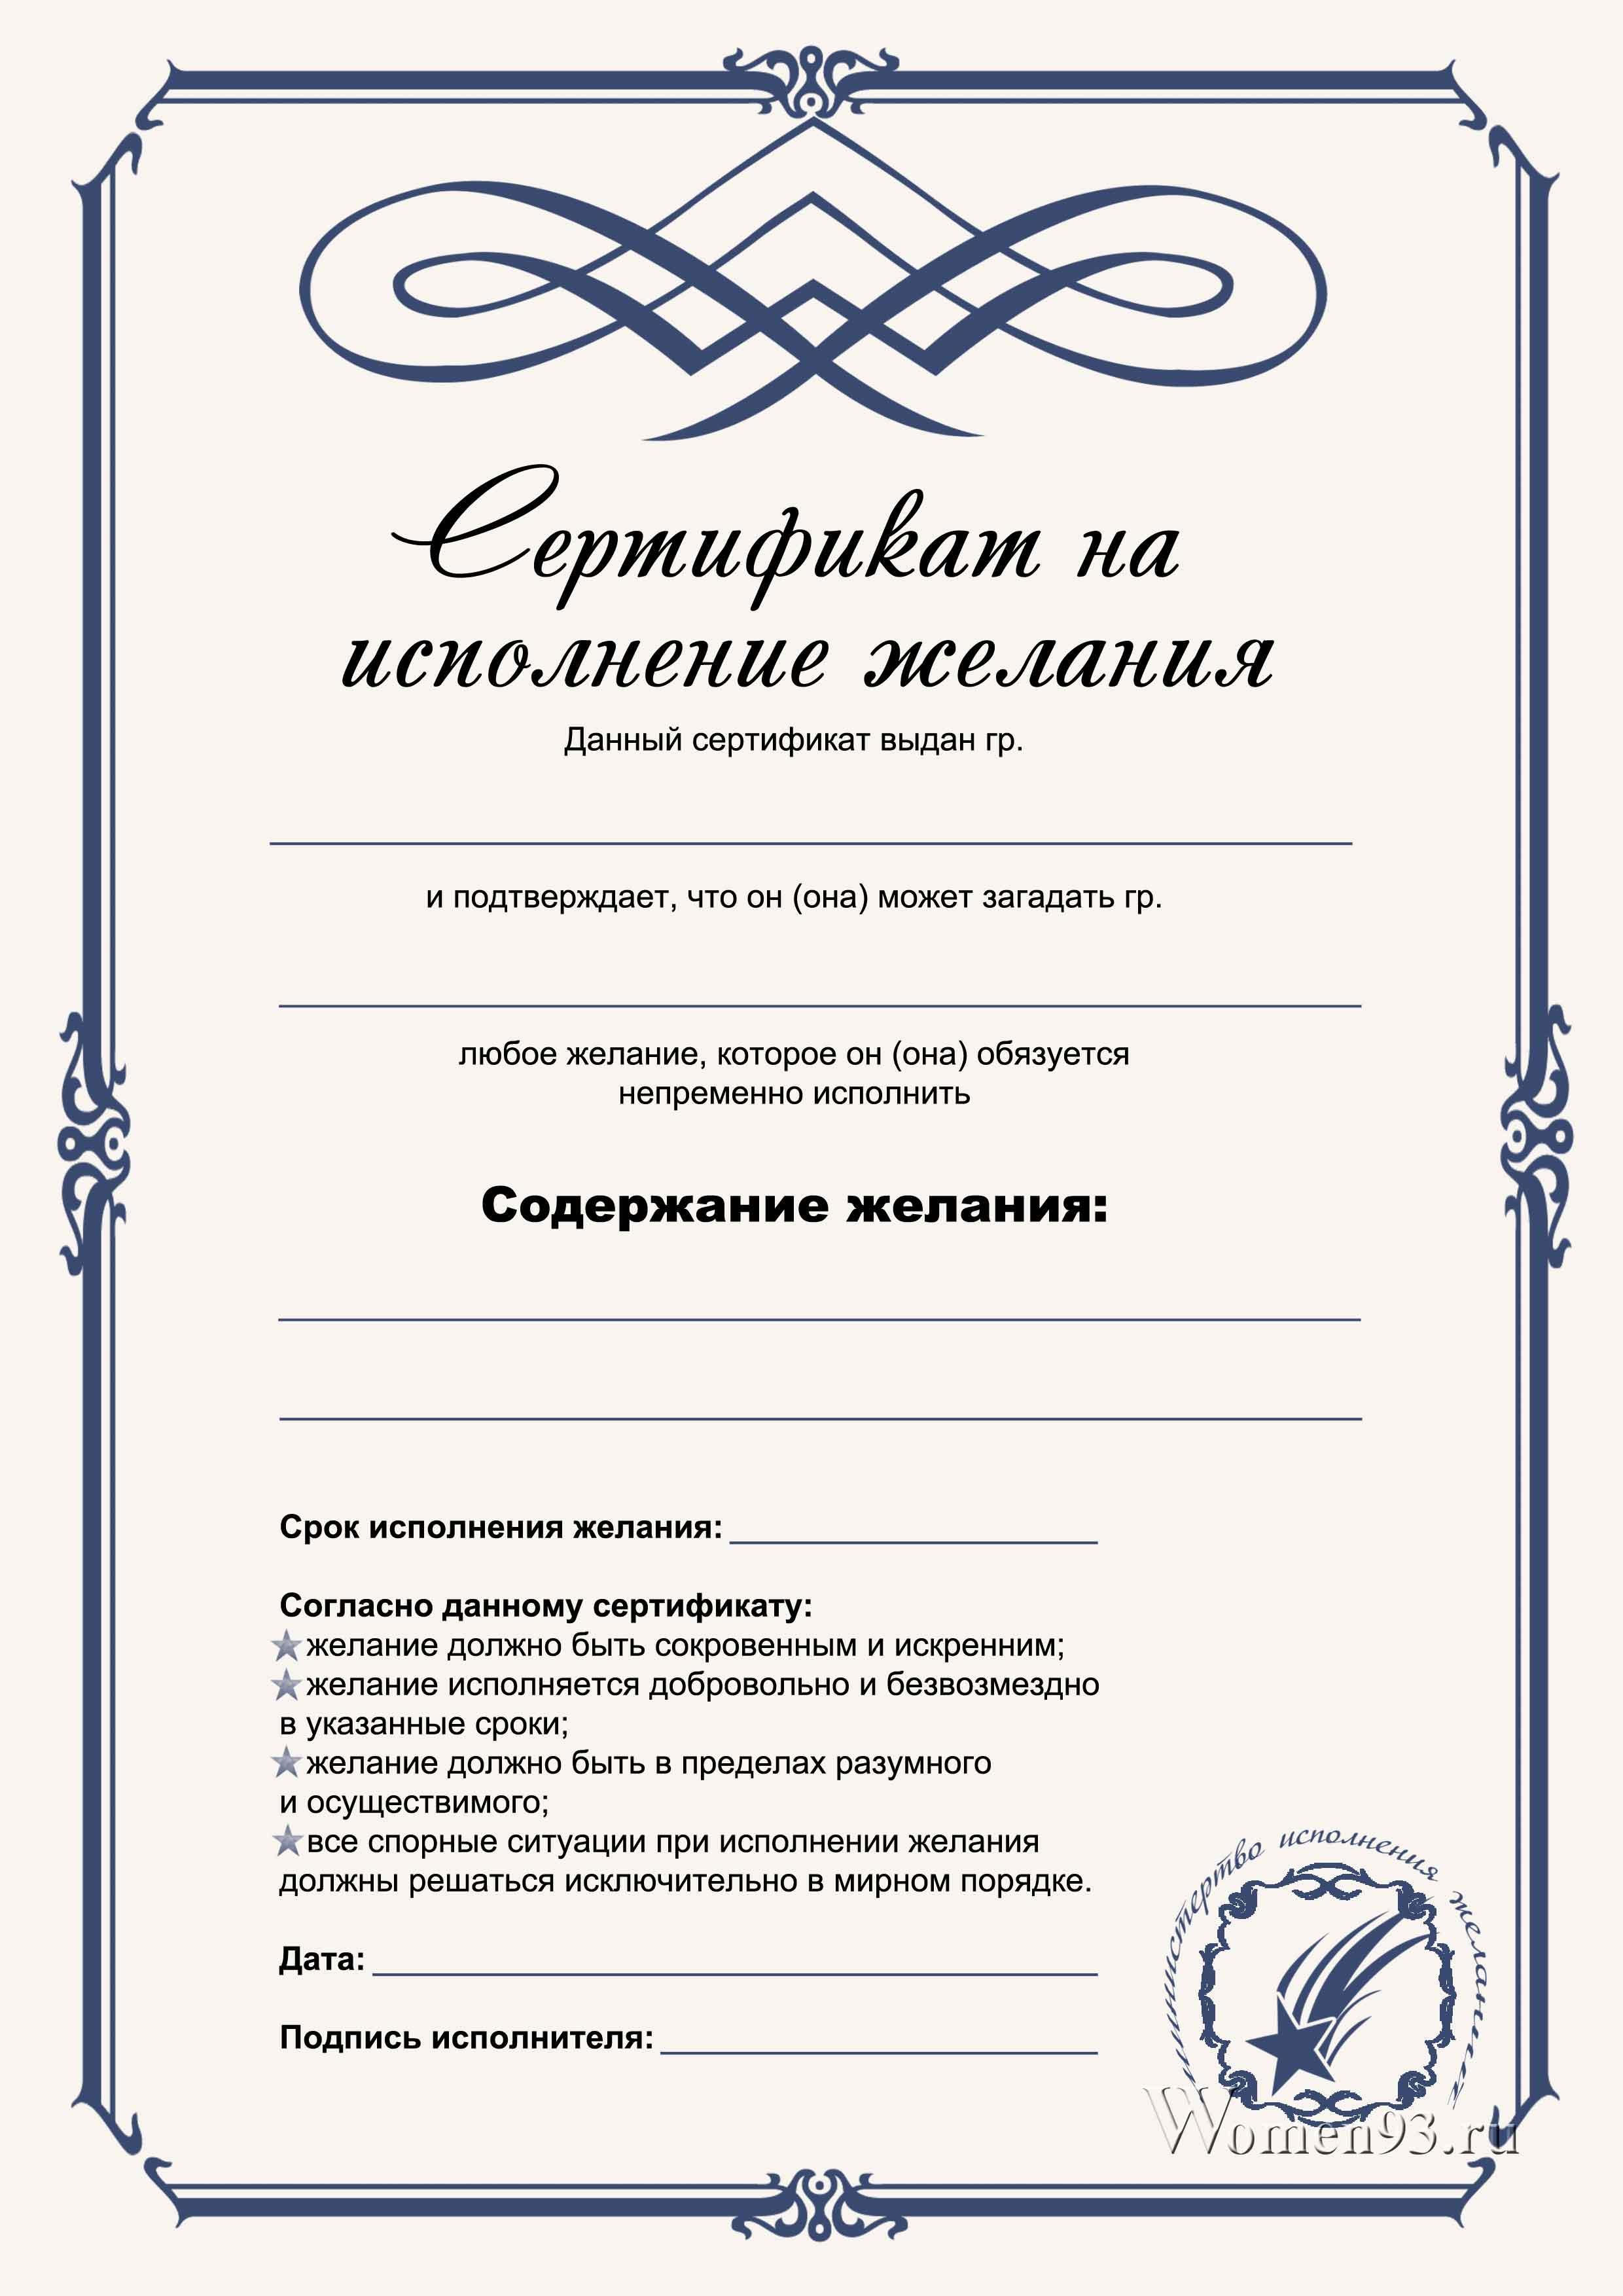 сертификат на 10 минетов образец написания